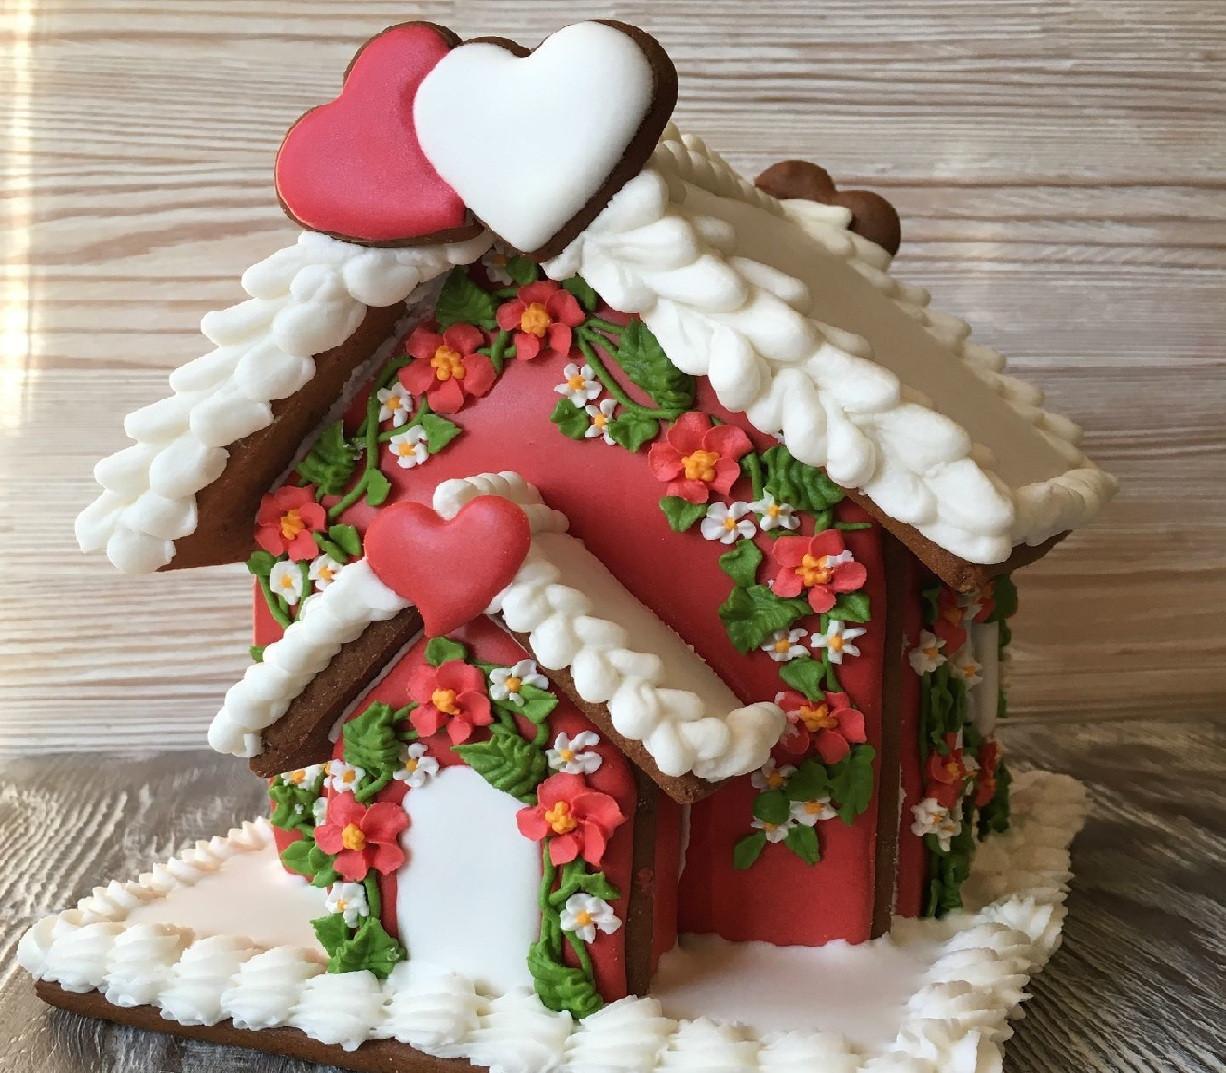 идеи оформления пряничного домика на Новый год и Рождество 2022 фото 1